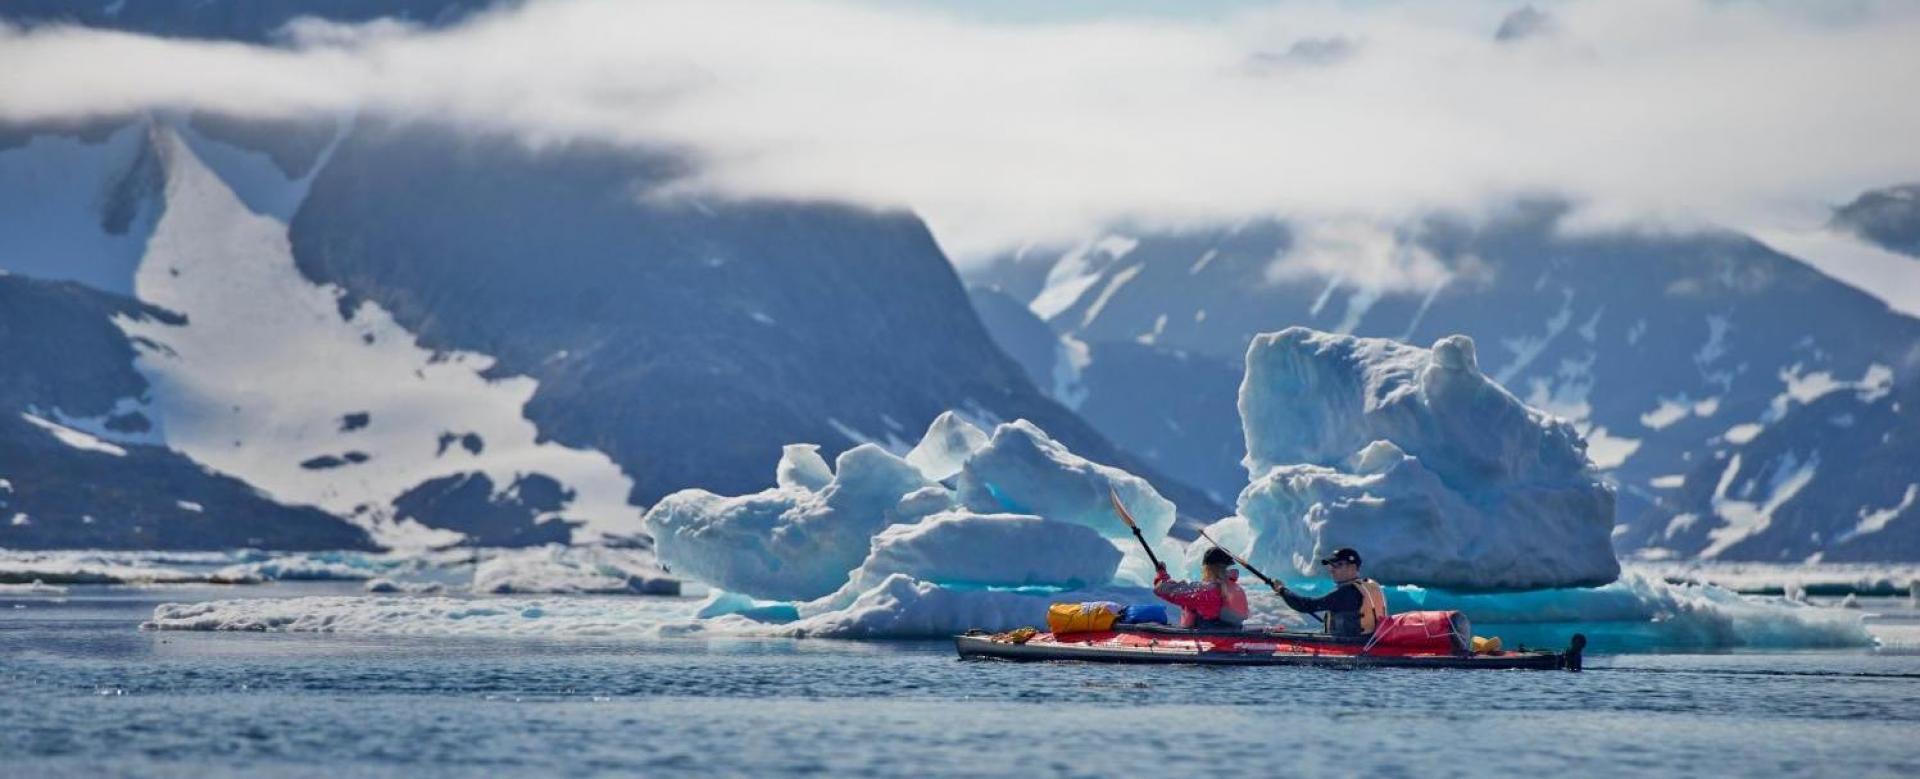 Voyage sur l'eau : Solitudes glacées